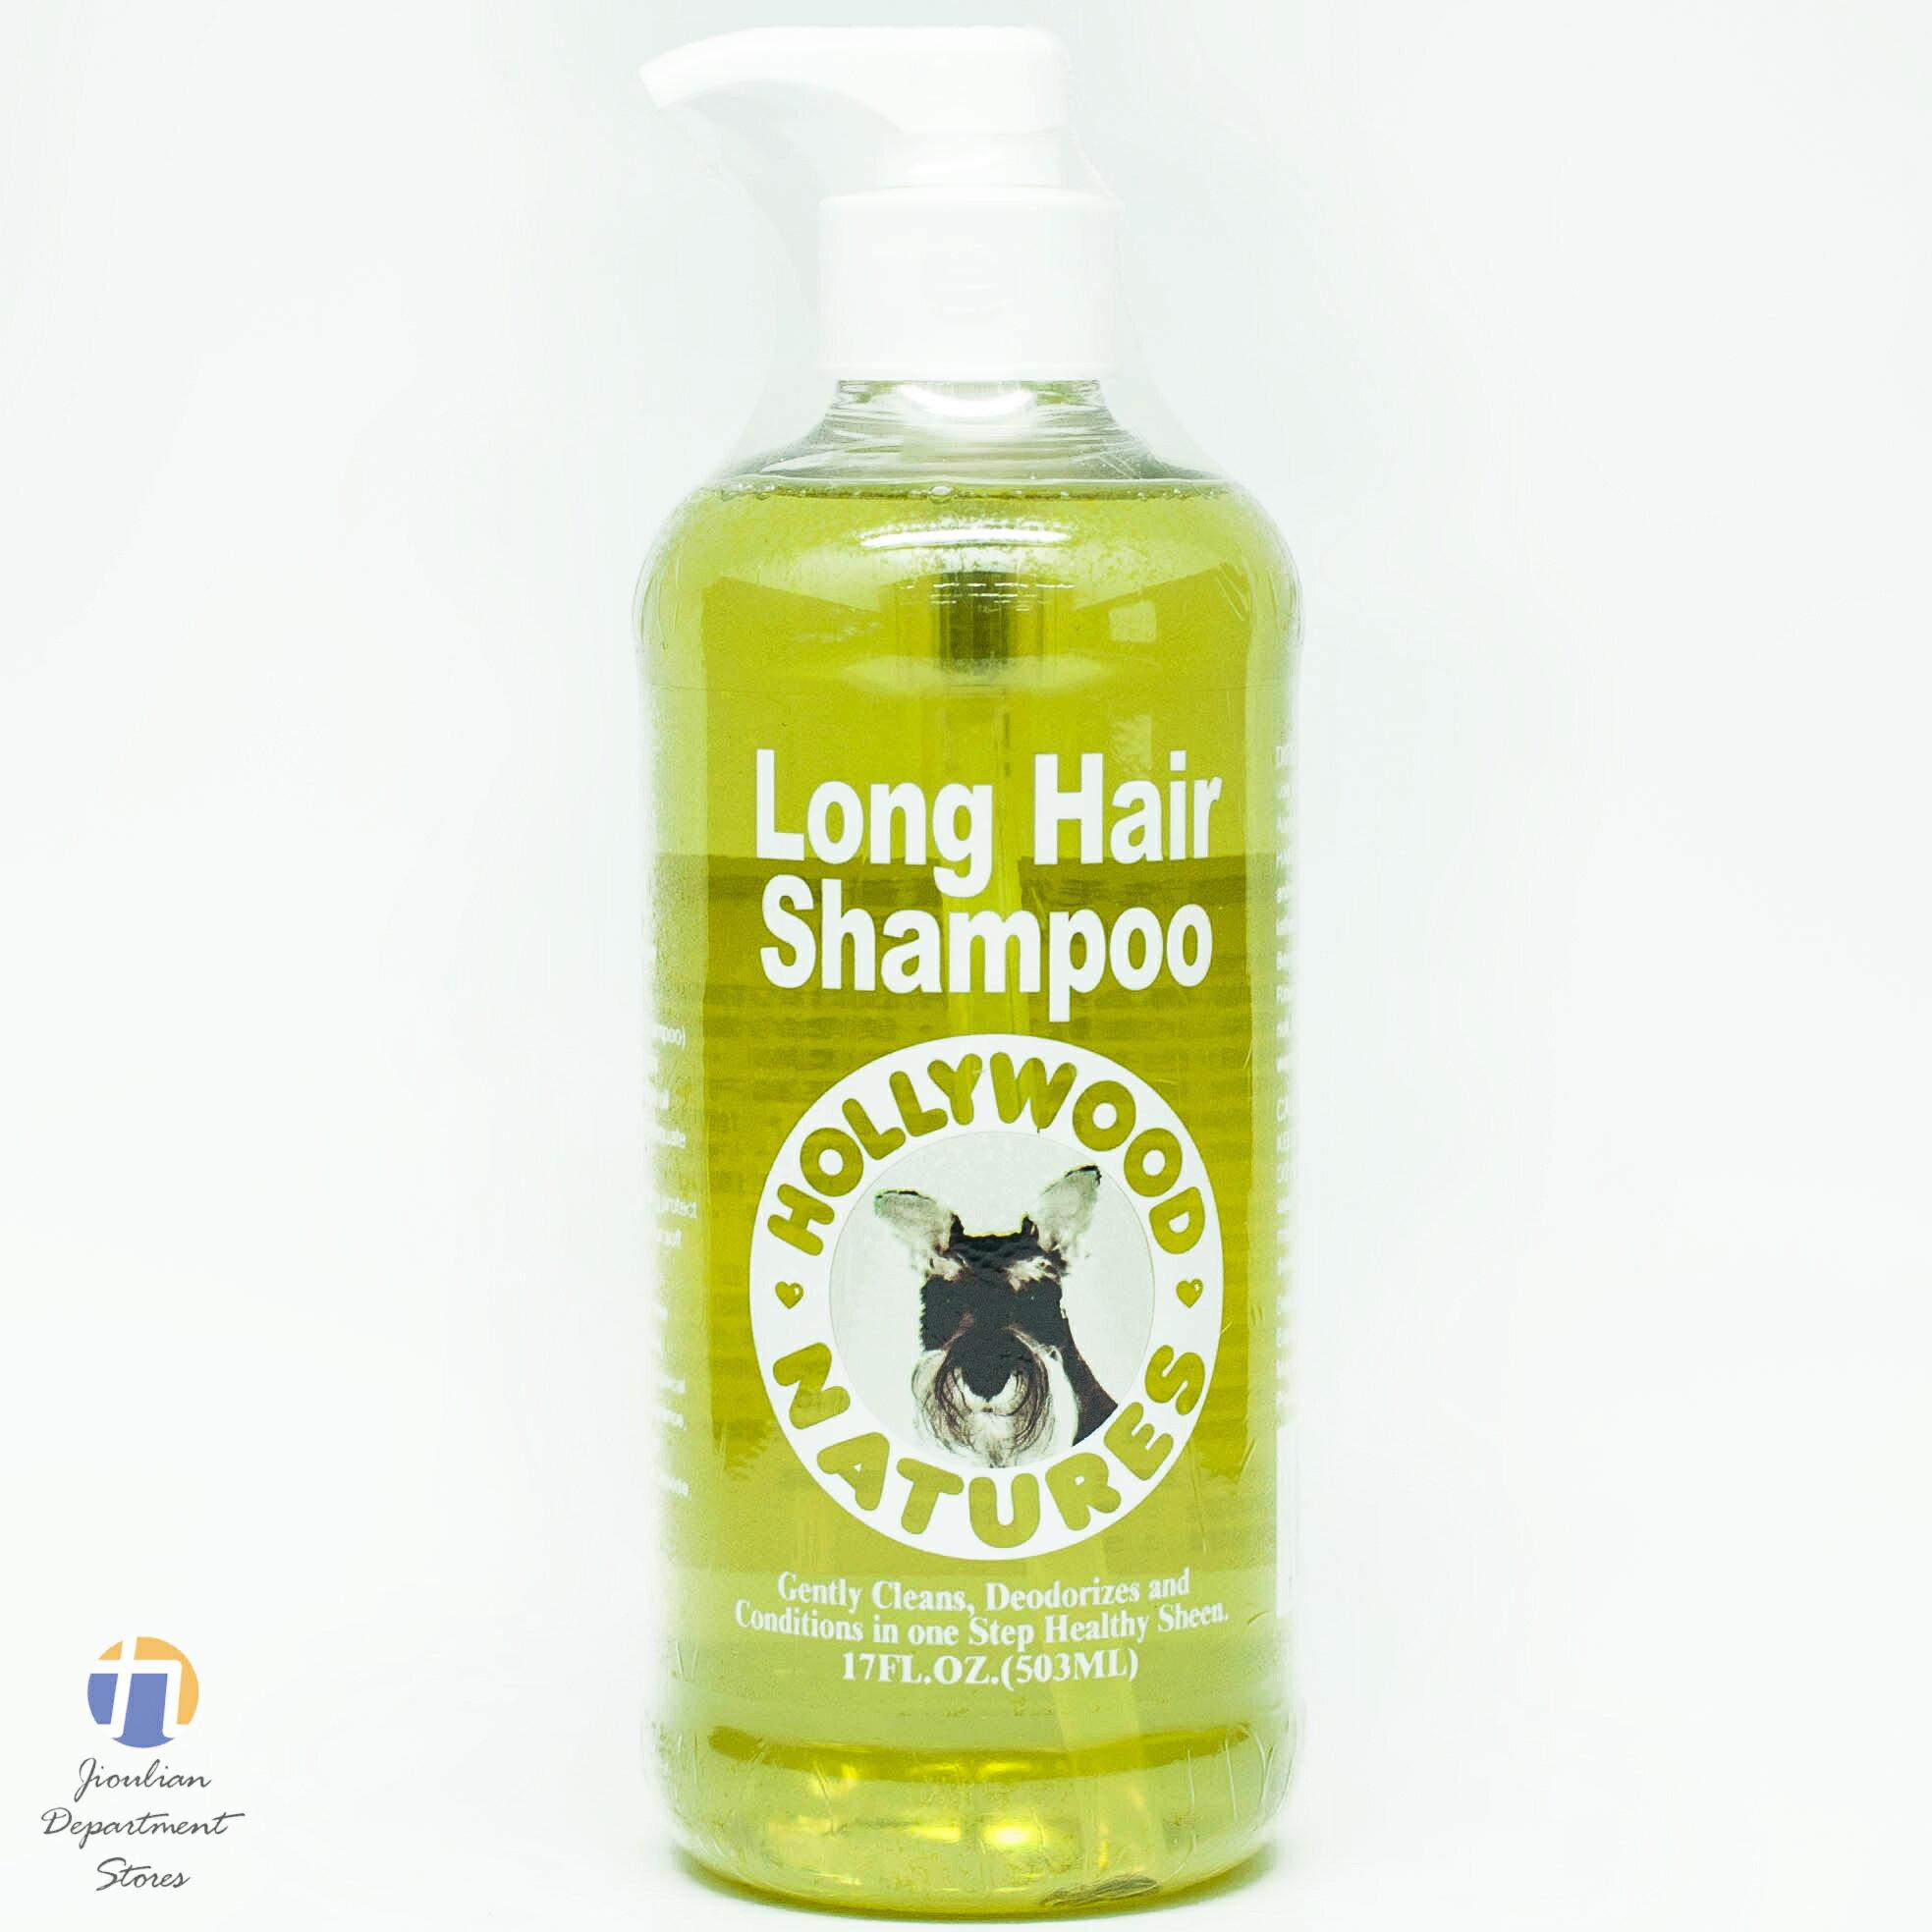 {九聯百貨} 好萊塢 Holly Wood (長毛犬用) 洗毛精 503ml 蘆薈蘋果清香